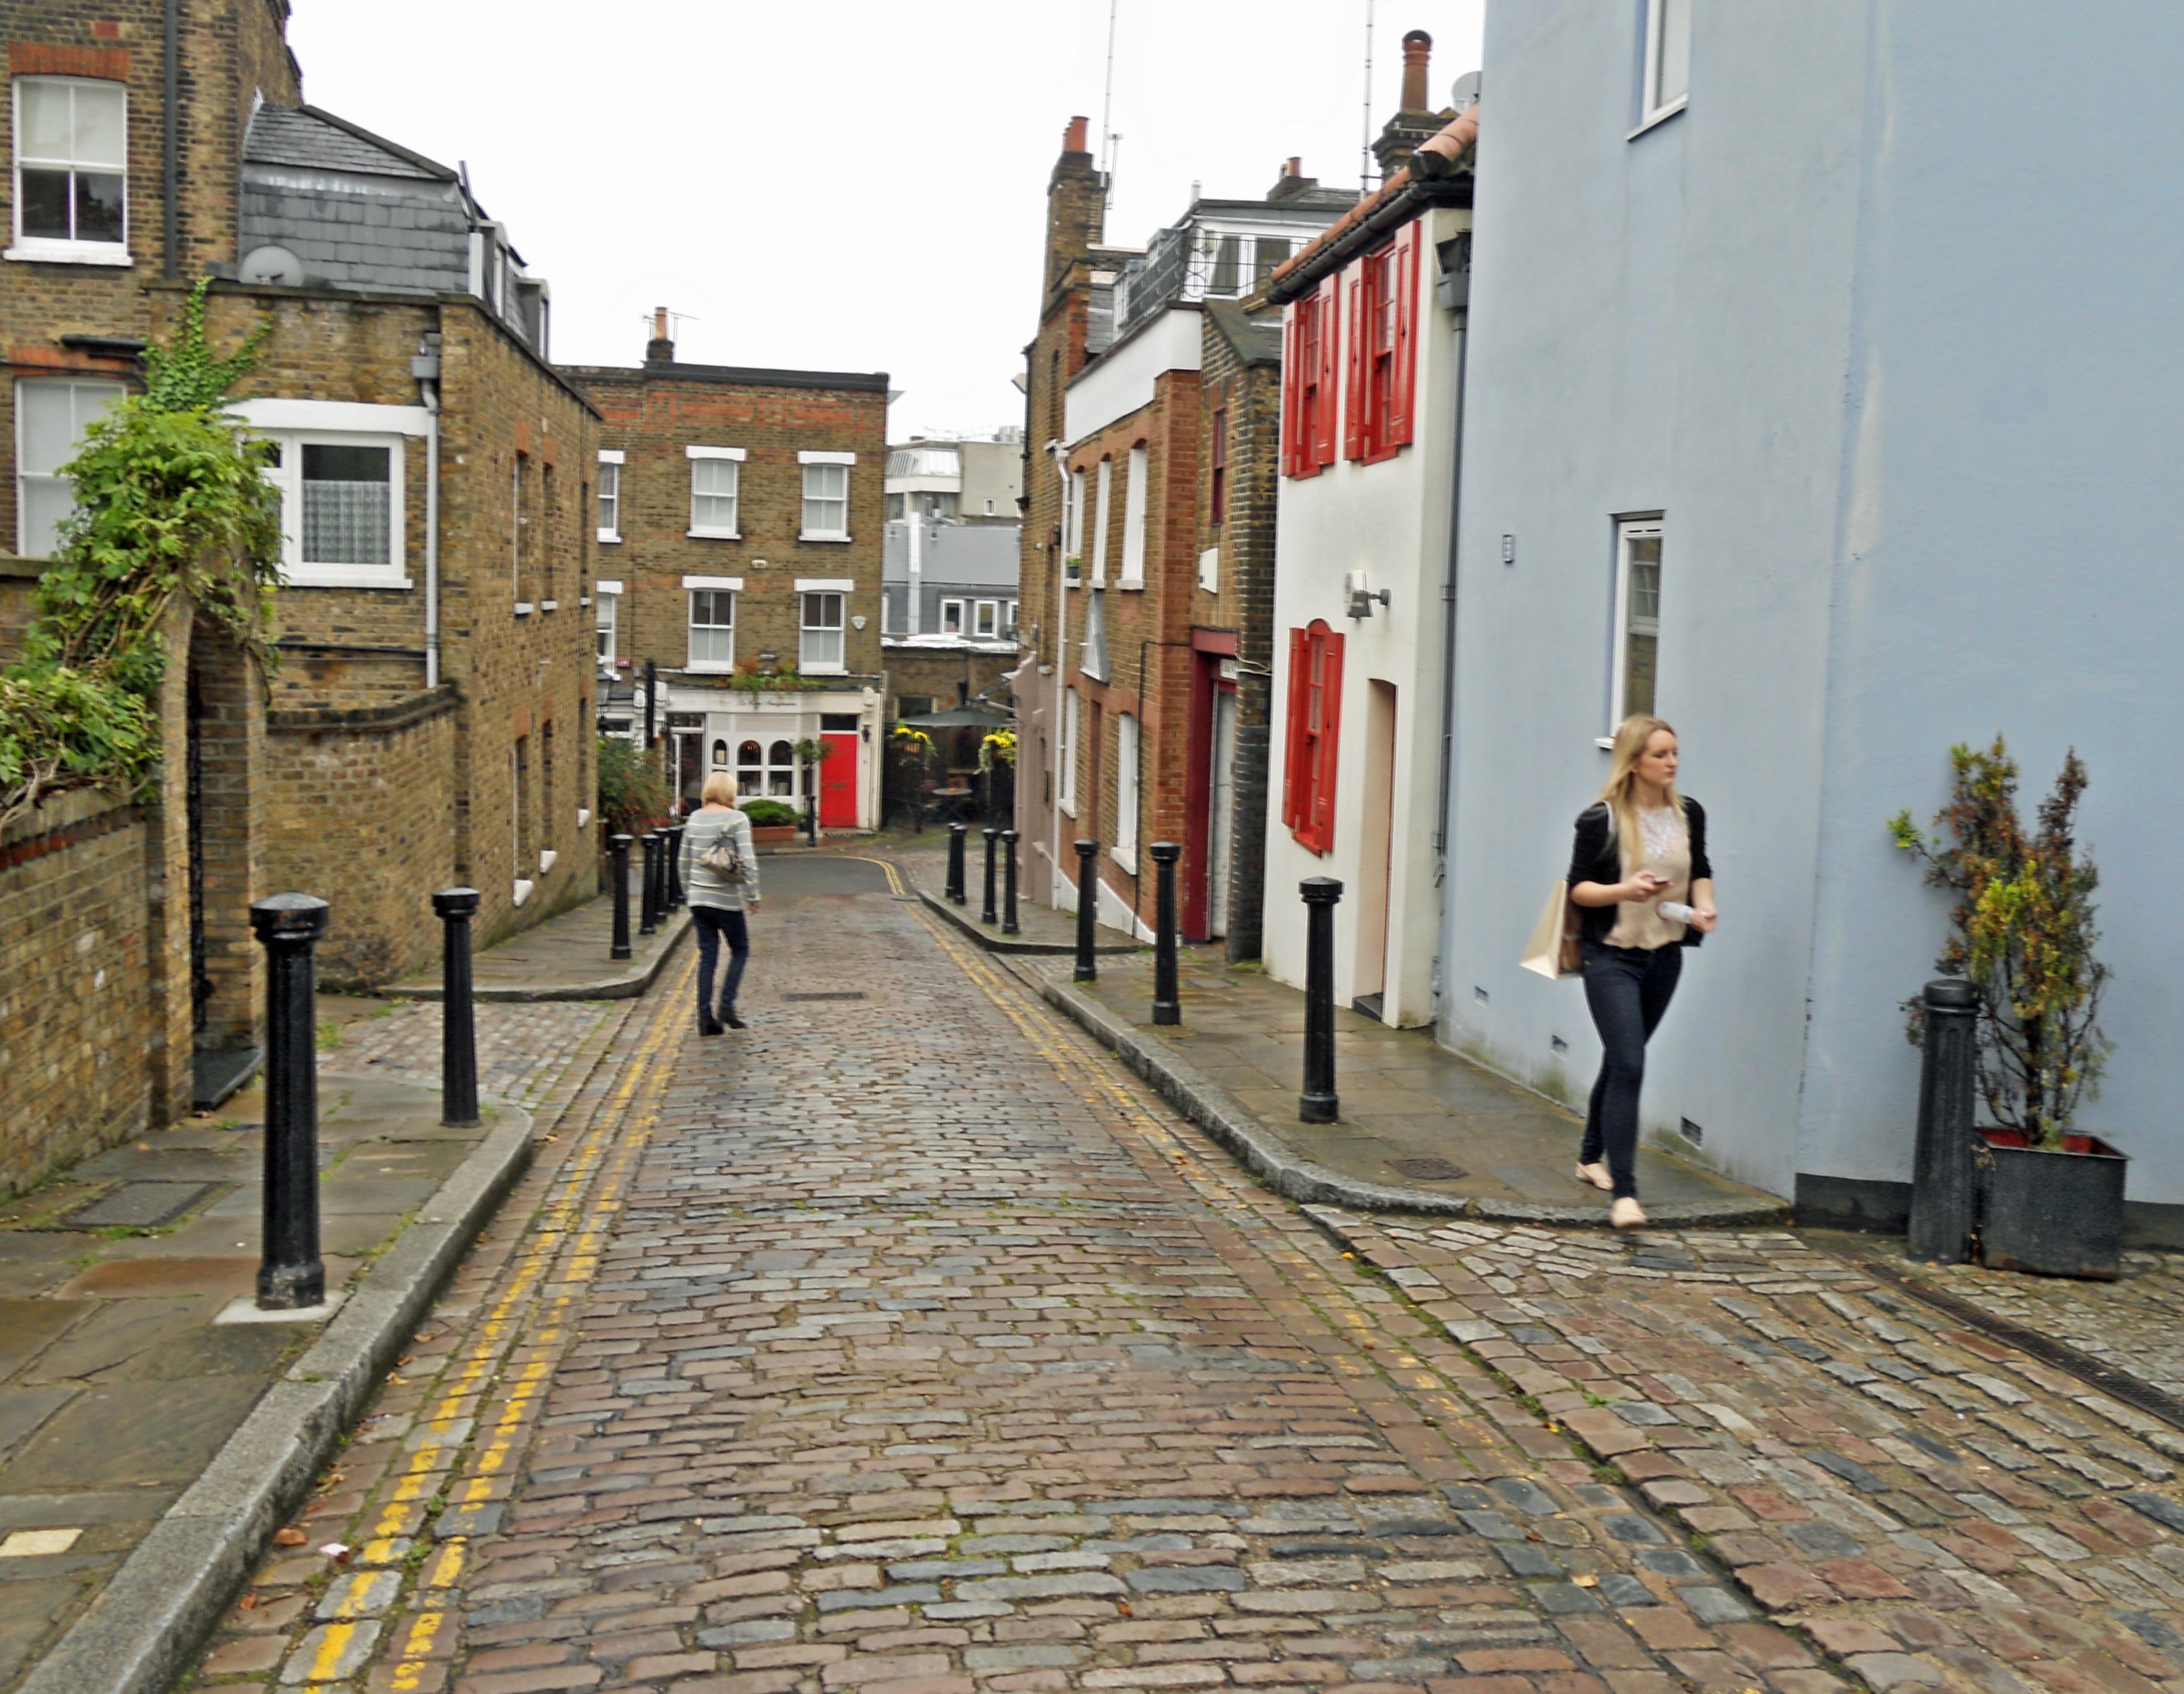 File:Flickr - Duncan~ - Back Lane, Hampstead.jpg ...